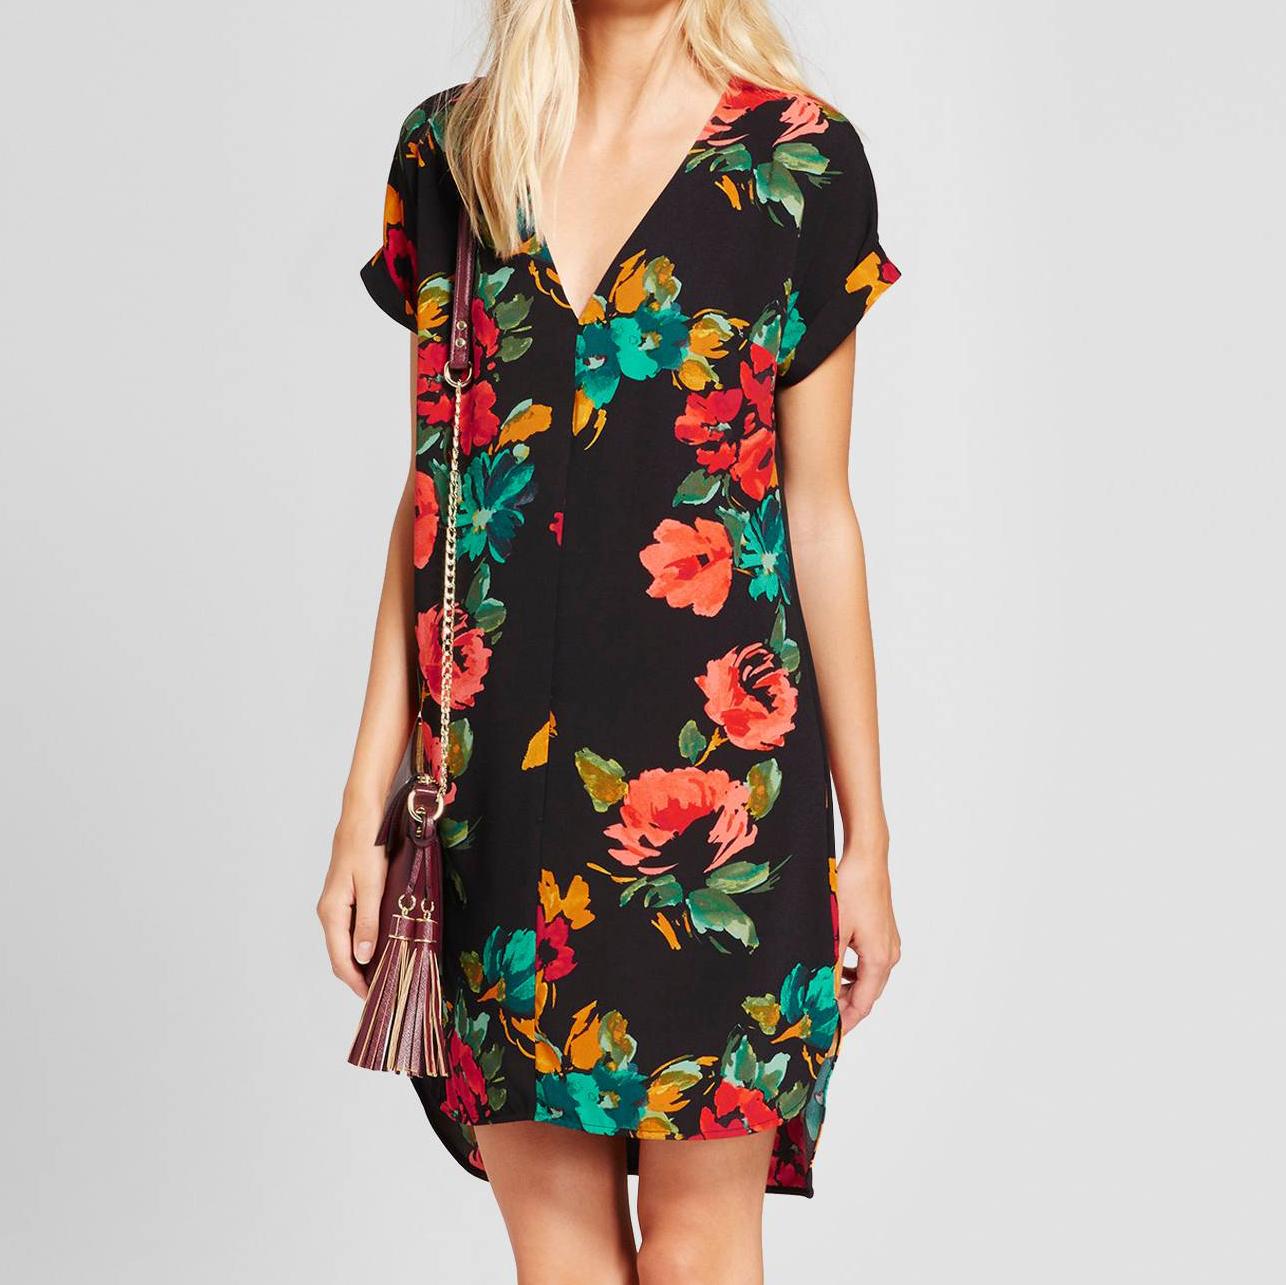 Floral Short Sleeve Crepe Dress